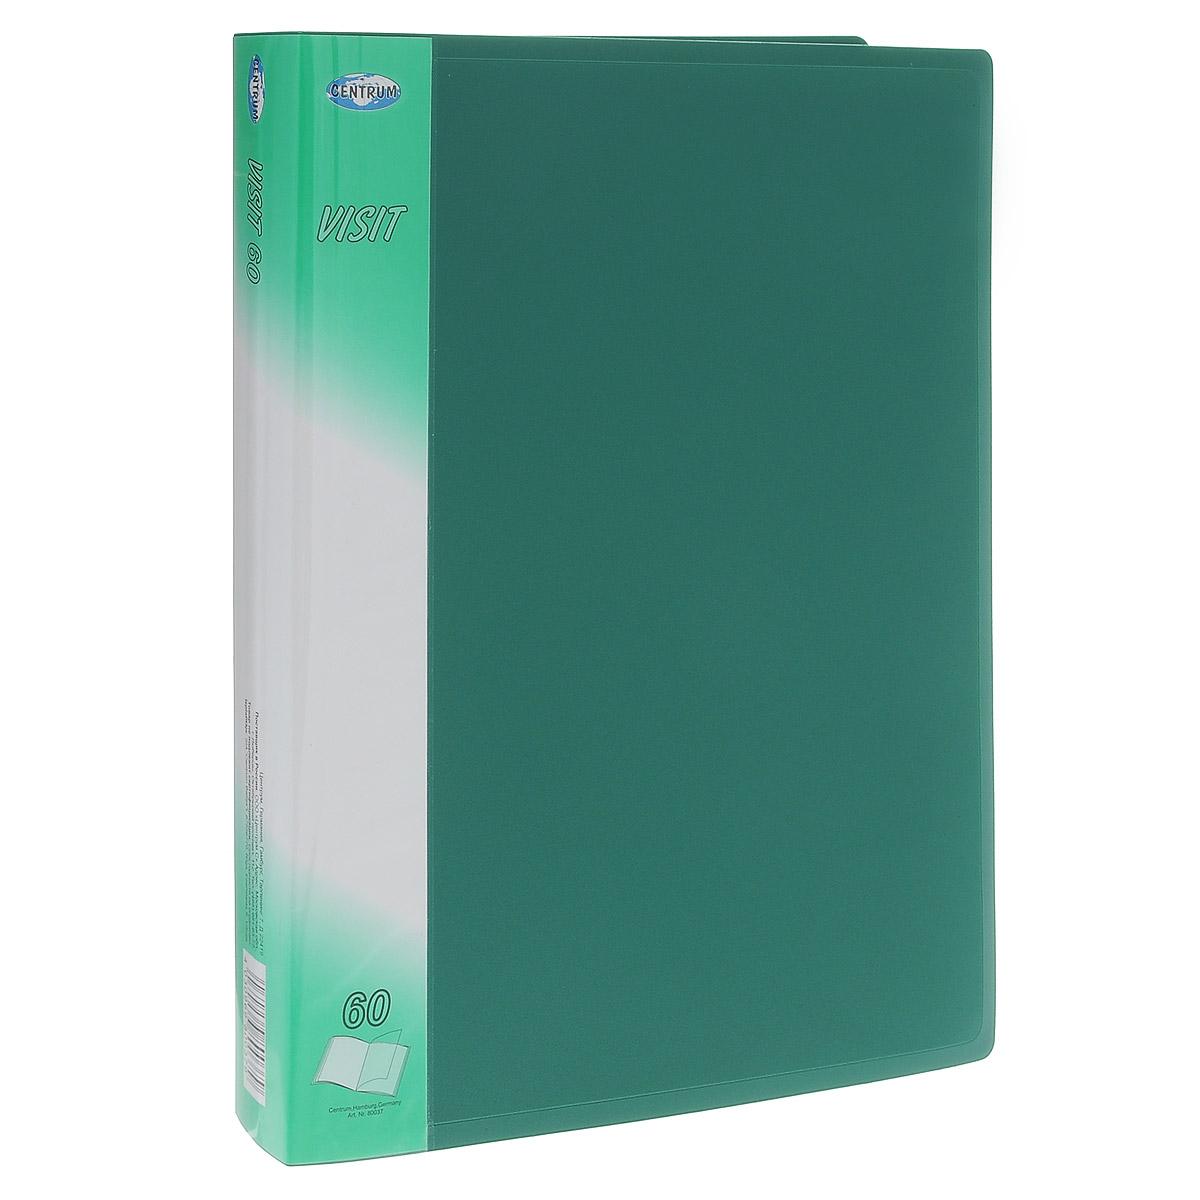 Папка с файлами Centrum Visit, 60 листов, цвет: зеленый. 8003780037_зеленыйПапка Centrum Visit с 60 прозрачными вкладышами-файлами предназначена для хранения и презентации документов формата А4. Папка изготовлена из полупрозрачного фактурного пластика, благодаря чему документы, помещенные в нее, будут надежно защищены. Прочное соединение папки и вкладышей обеспечено за счет их лазерной сварки. Углы папки закруглены. Папка надежно сохранит ваши документы и сбережет их от повреждений, пыли и влаги.